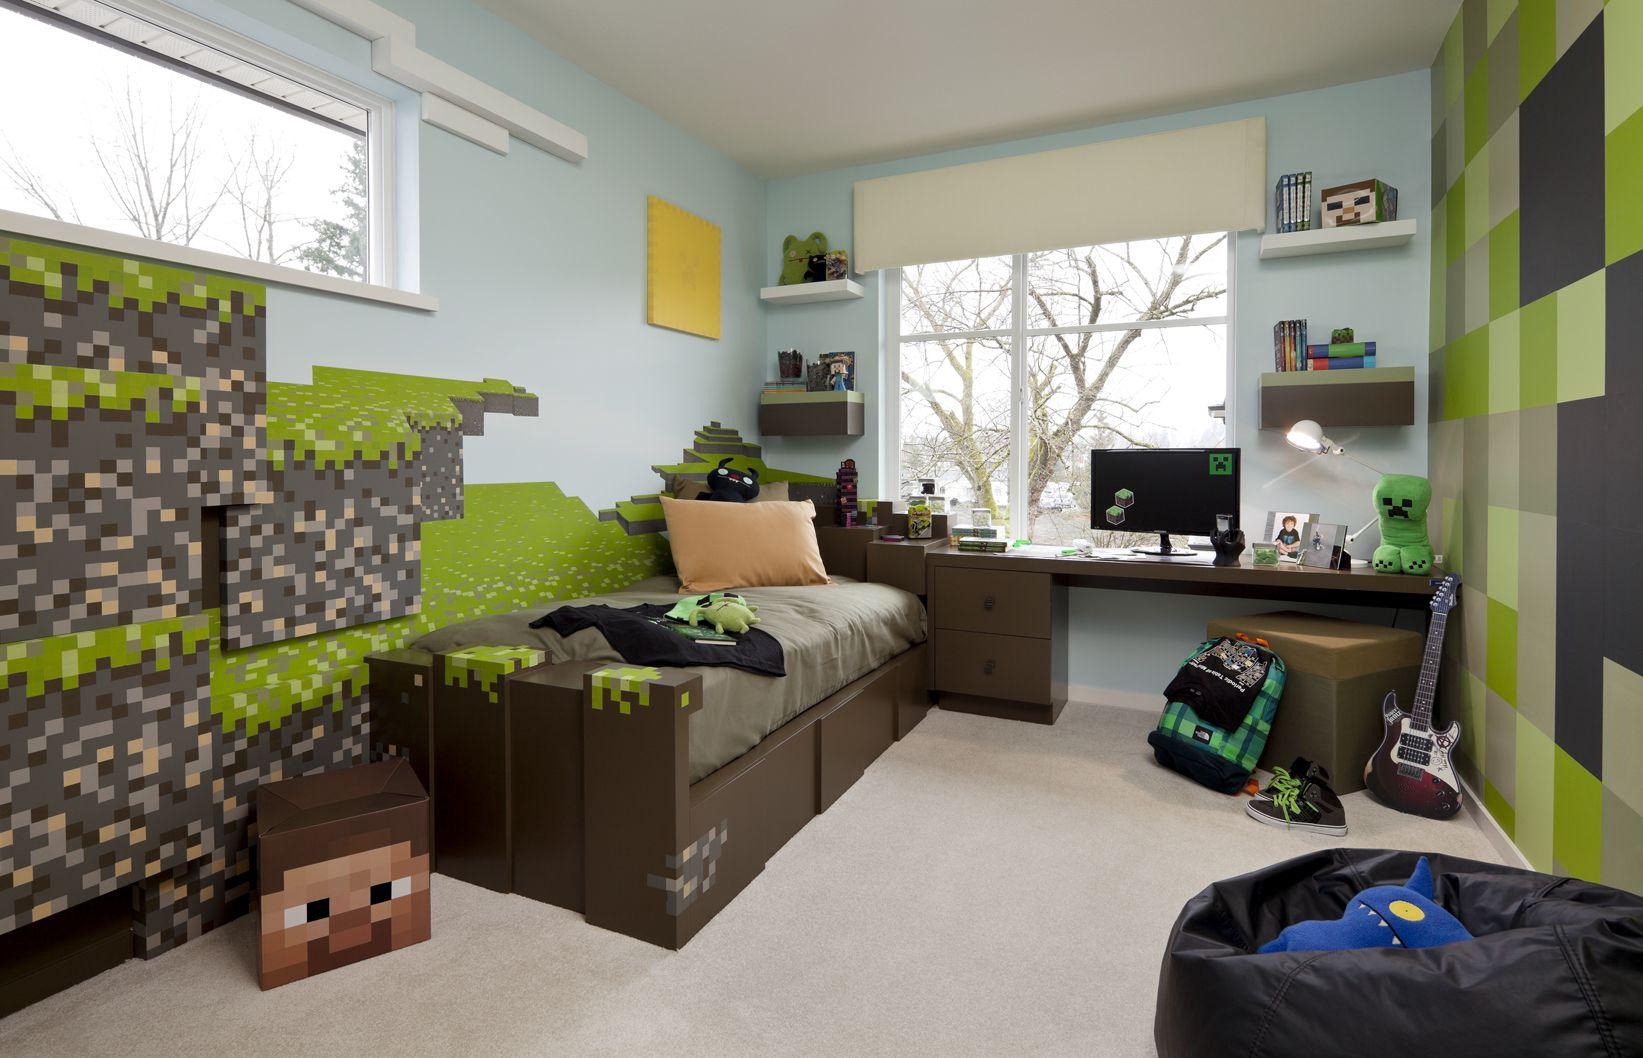 Minecraft kid 39 s bedroom minecraft pinterest for Boys bedroom mural ideas